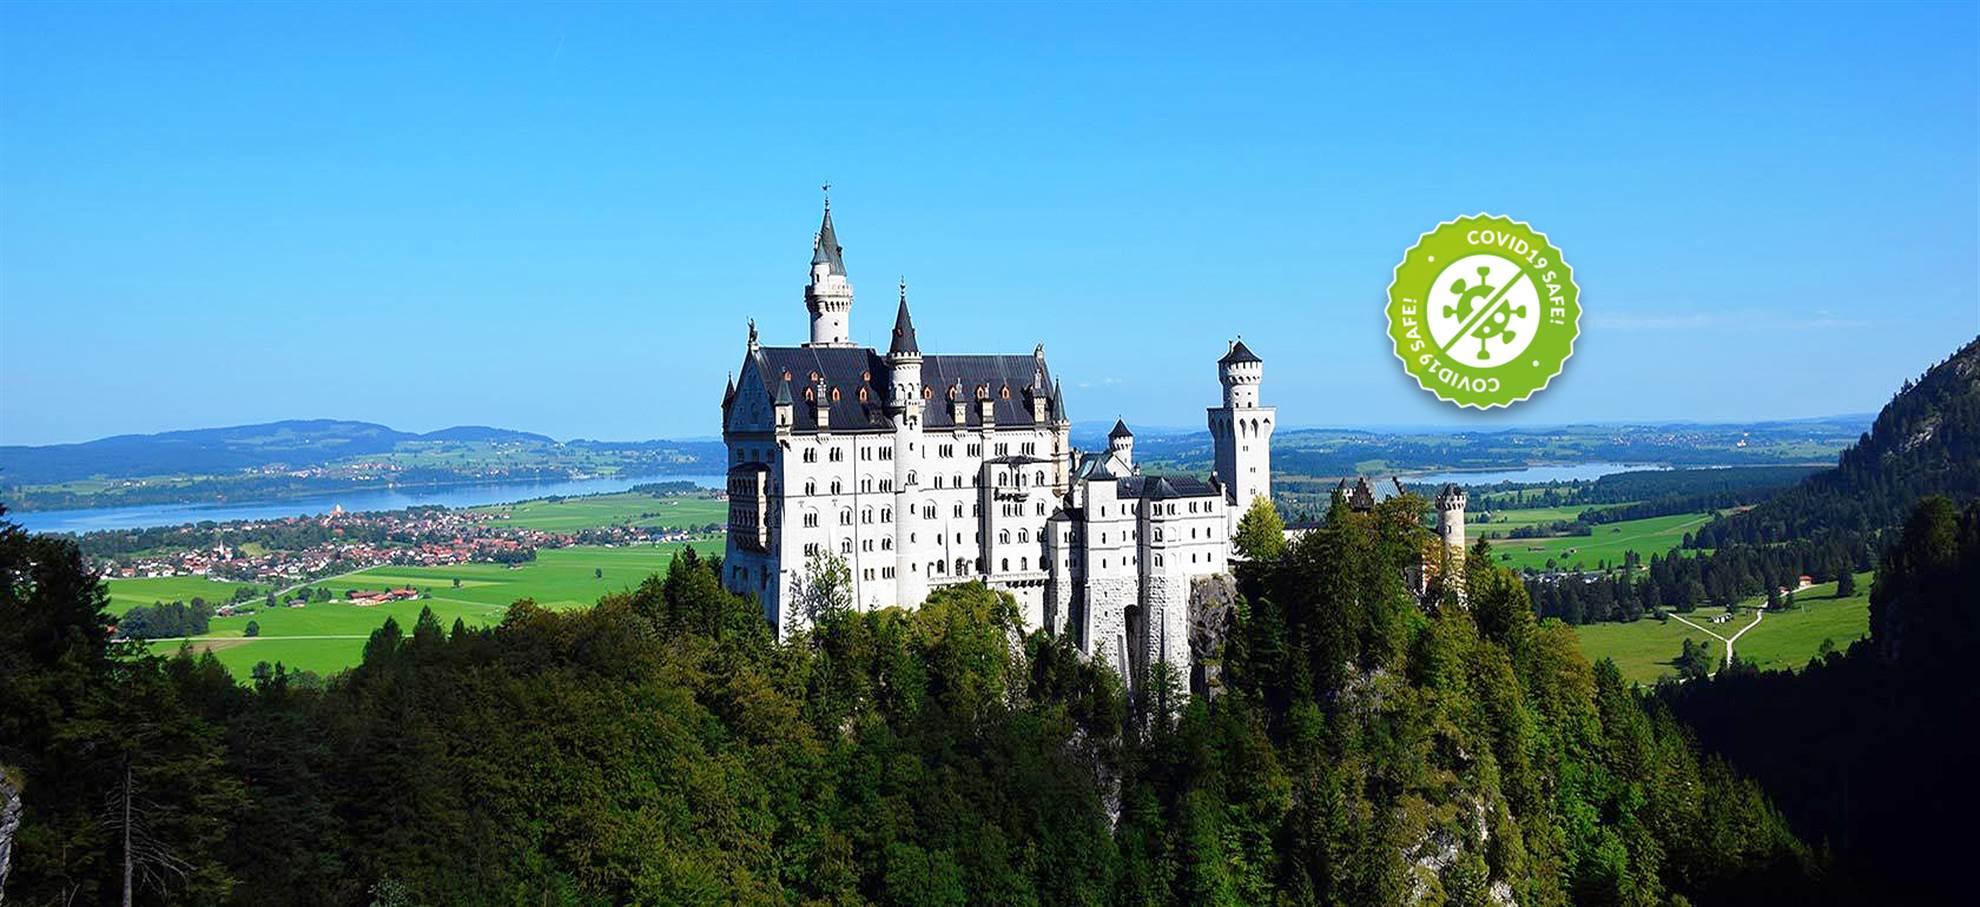 Balade du château de Neuschwanstein (WT)